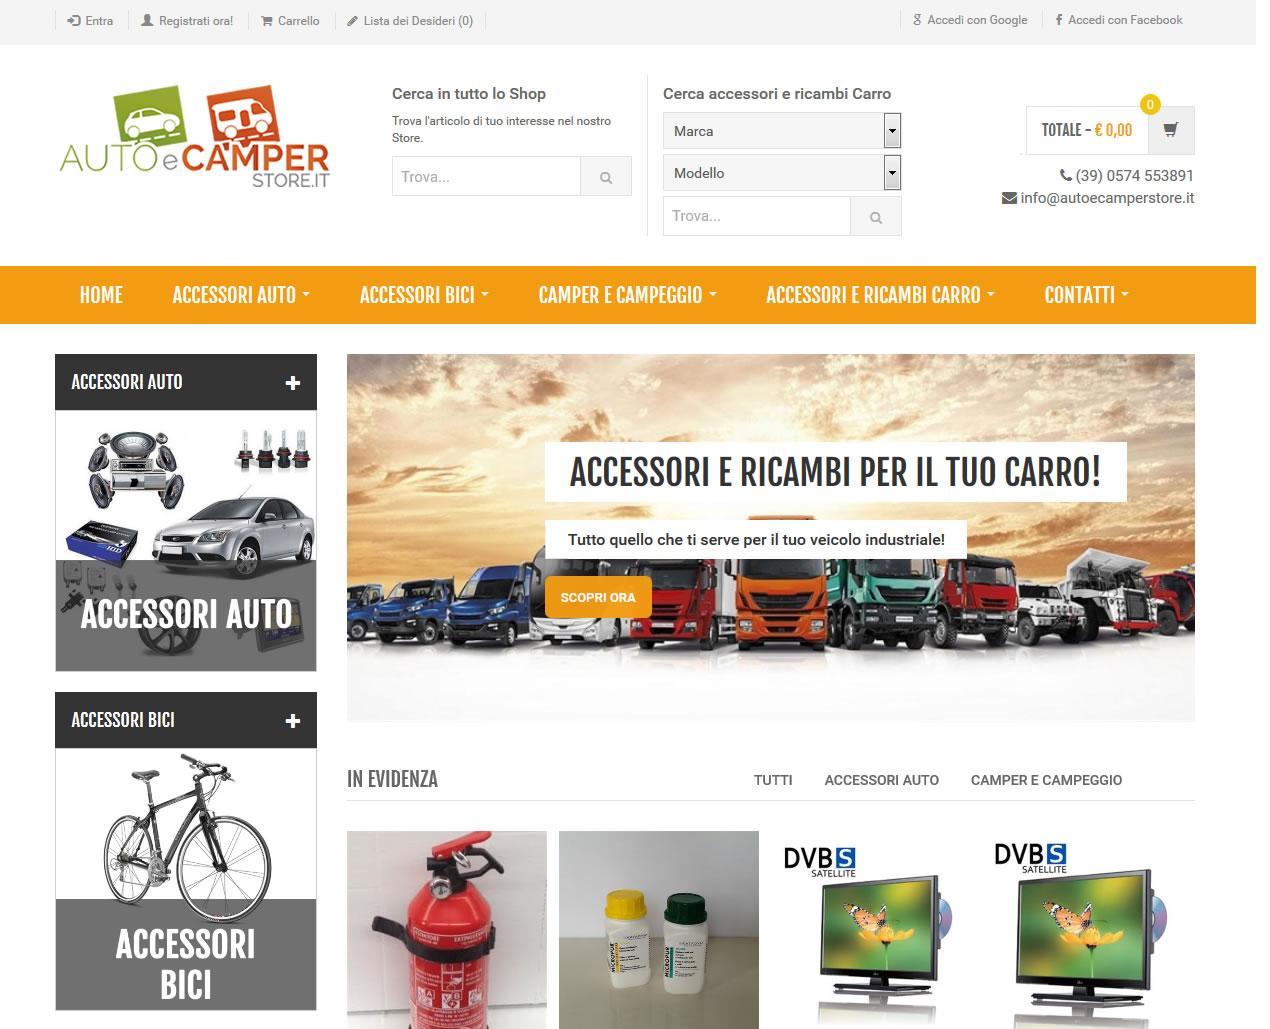 Auto e Camper Store